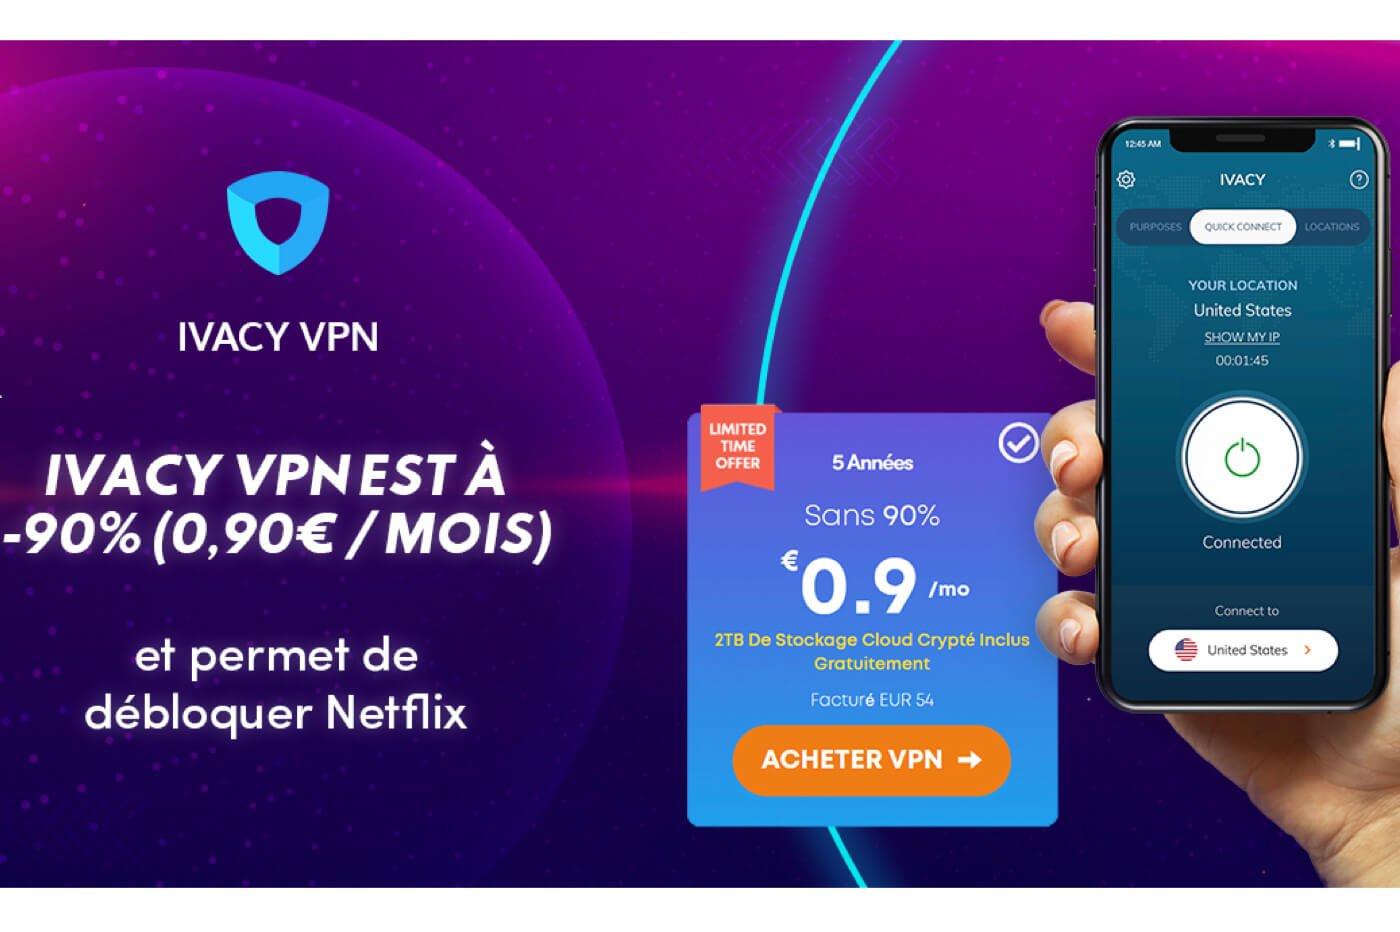 Ivacy VPN est à -90% (0,90€ / mois) et permet de débloquer Netflix